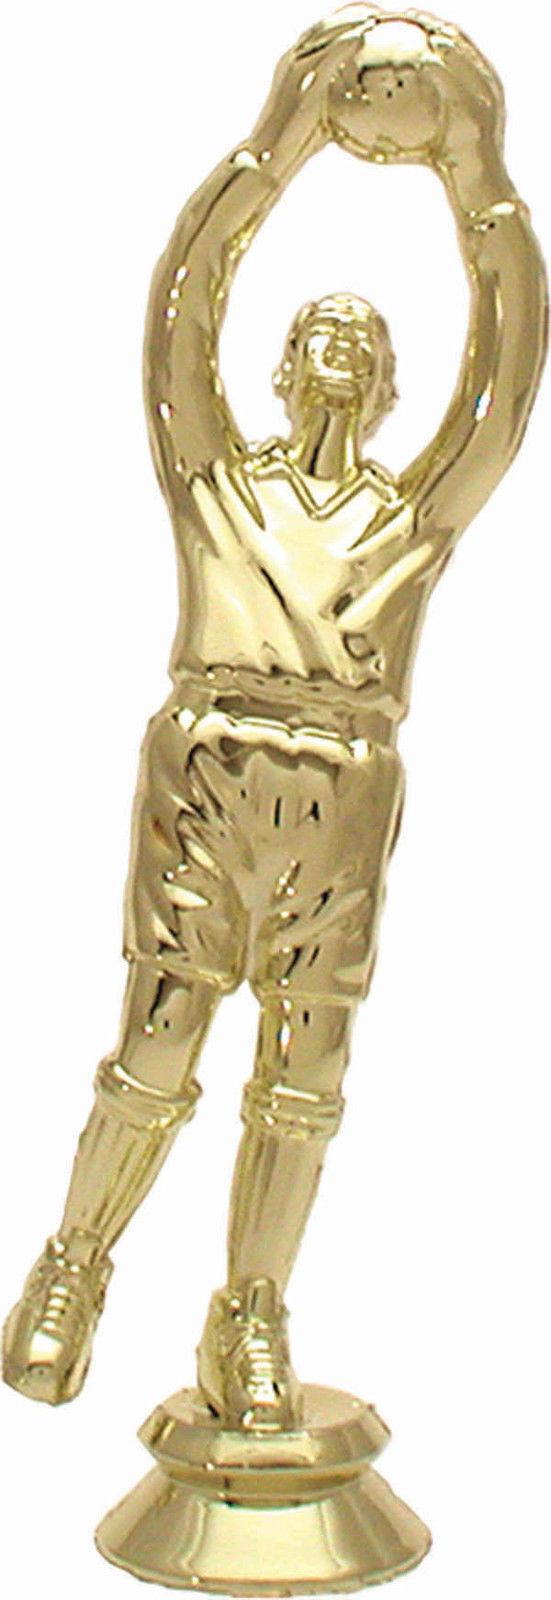 22 figuras de fútbol portero 15cm Color oro  4 (trofeos medallas torneo)